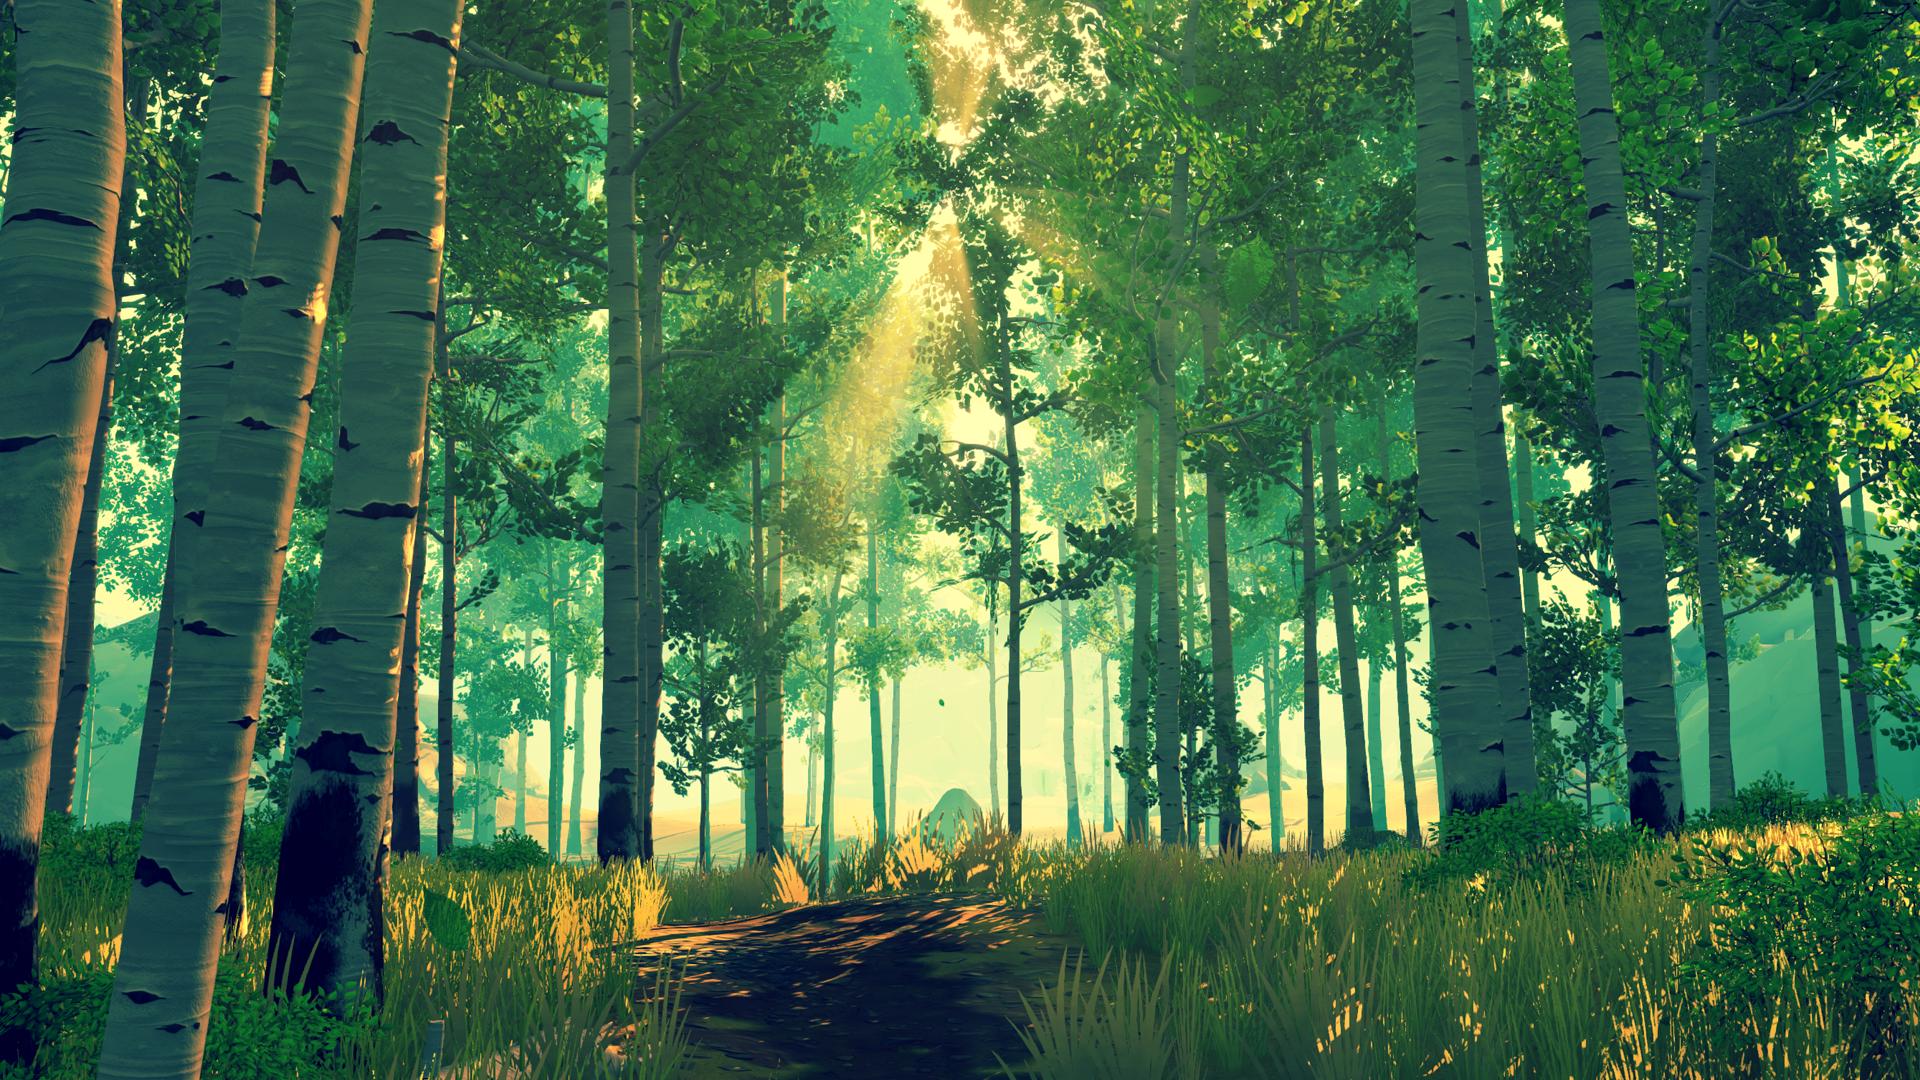 firewatch forest wallpaper 59157